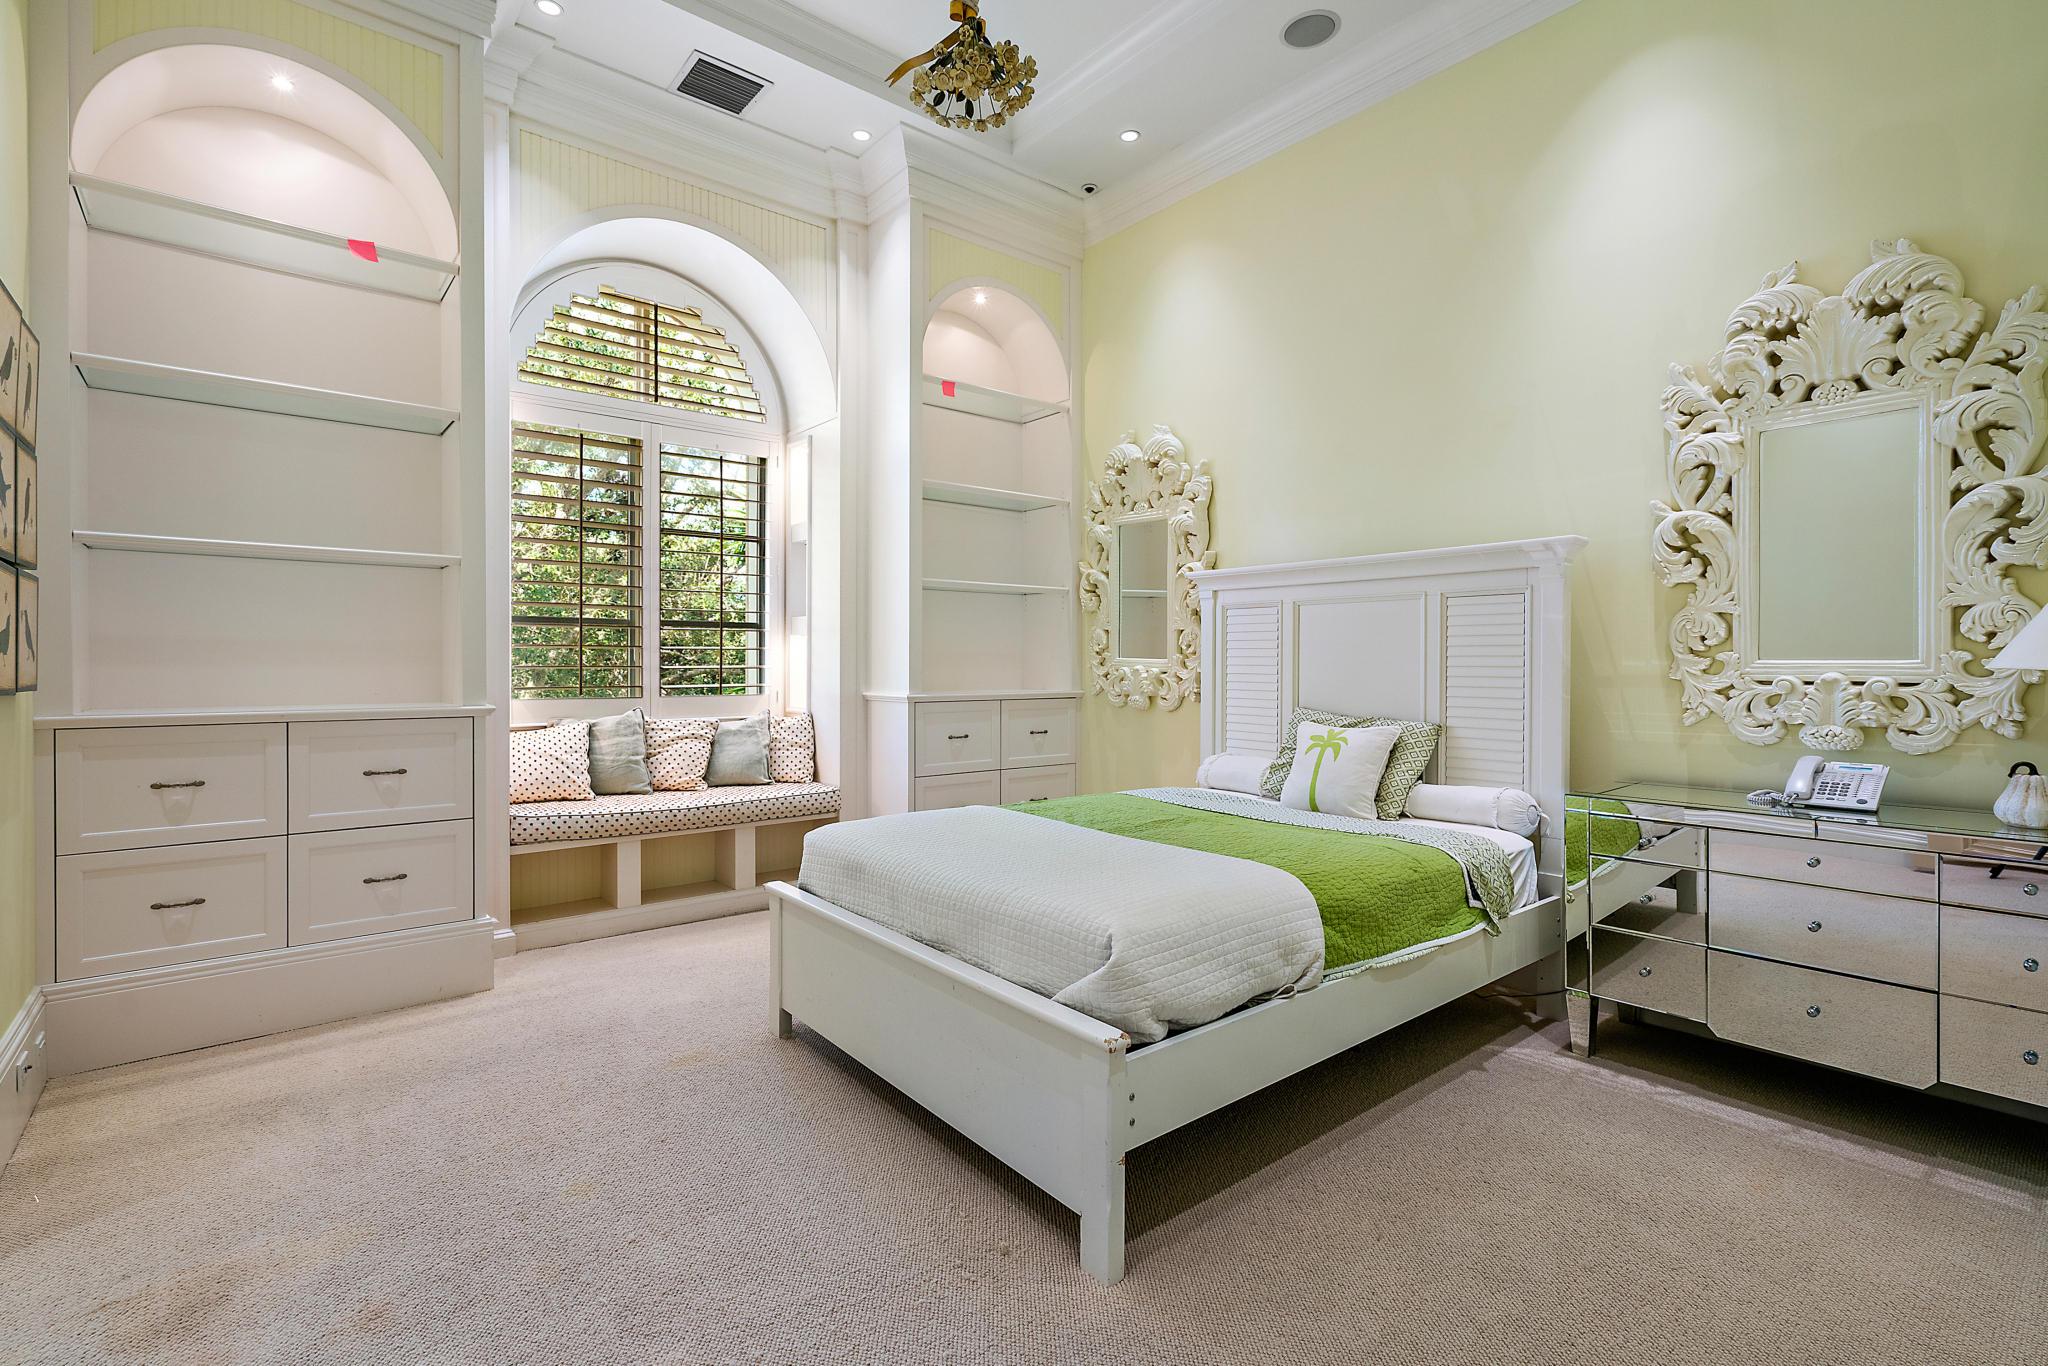 bedroom 2 second floor